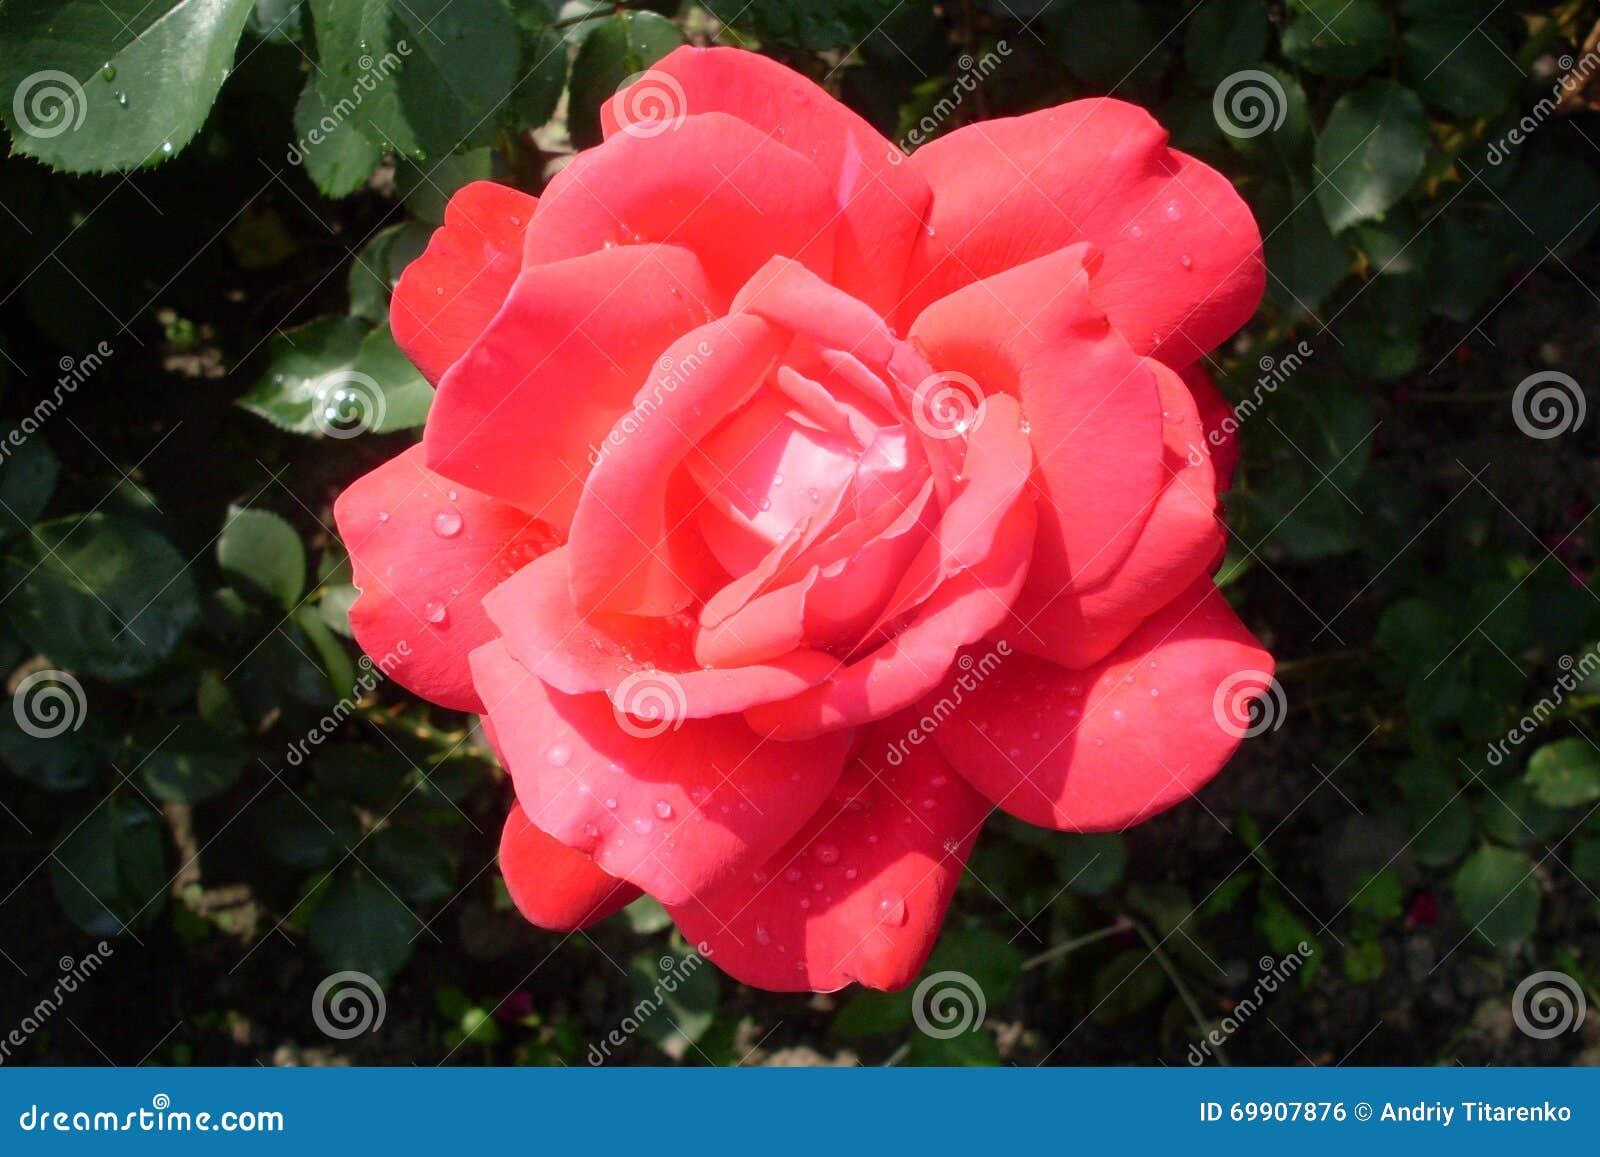 красивая красная роза в росе